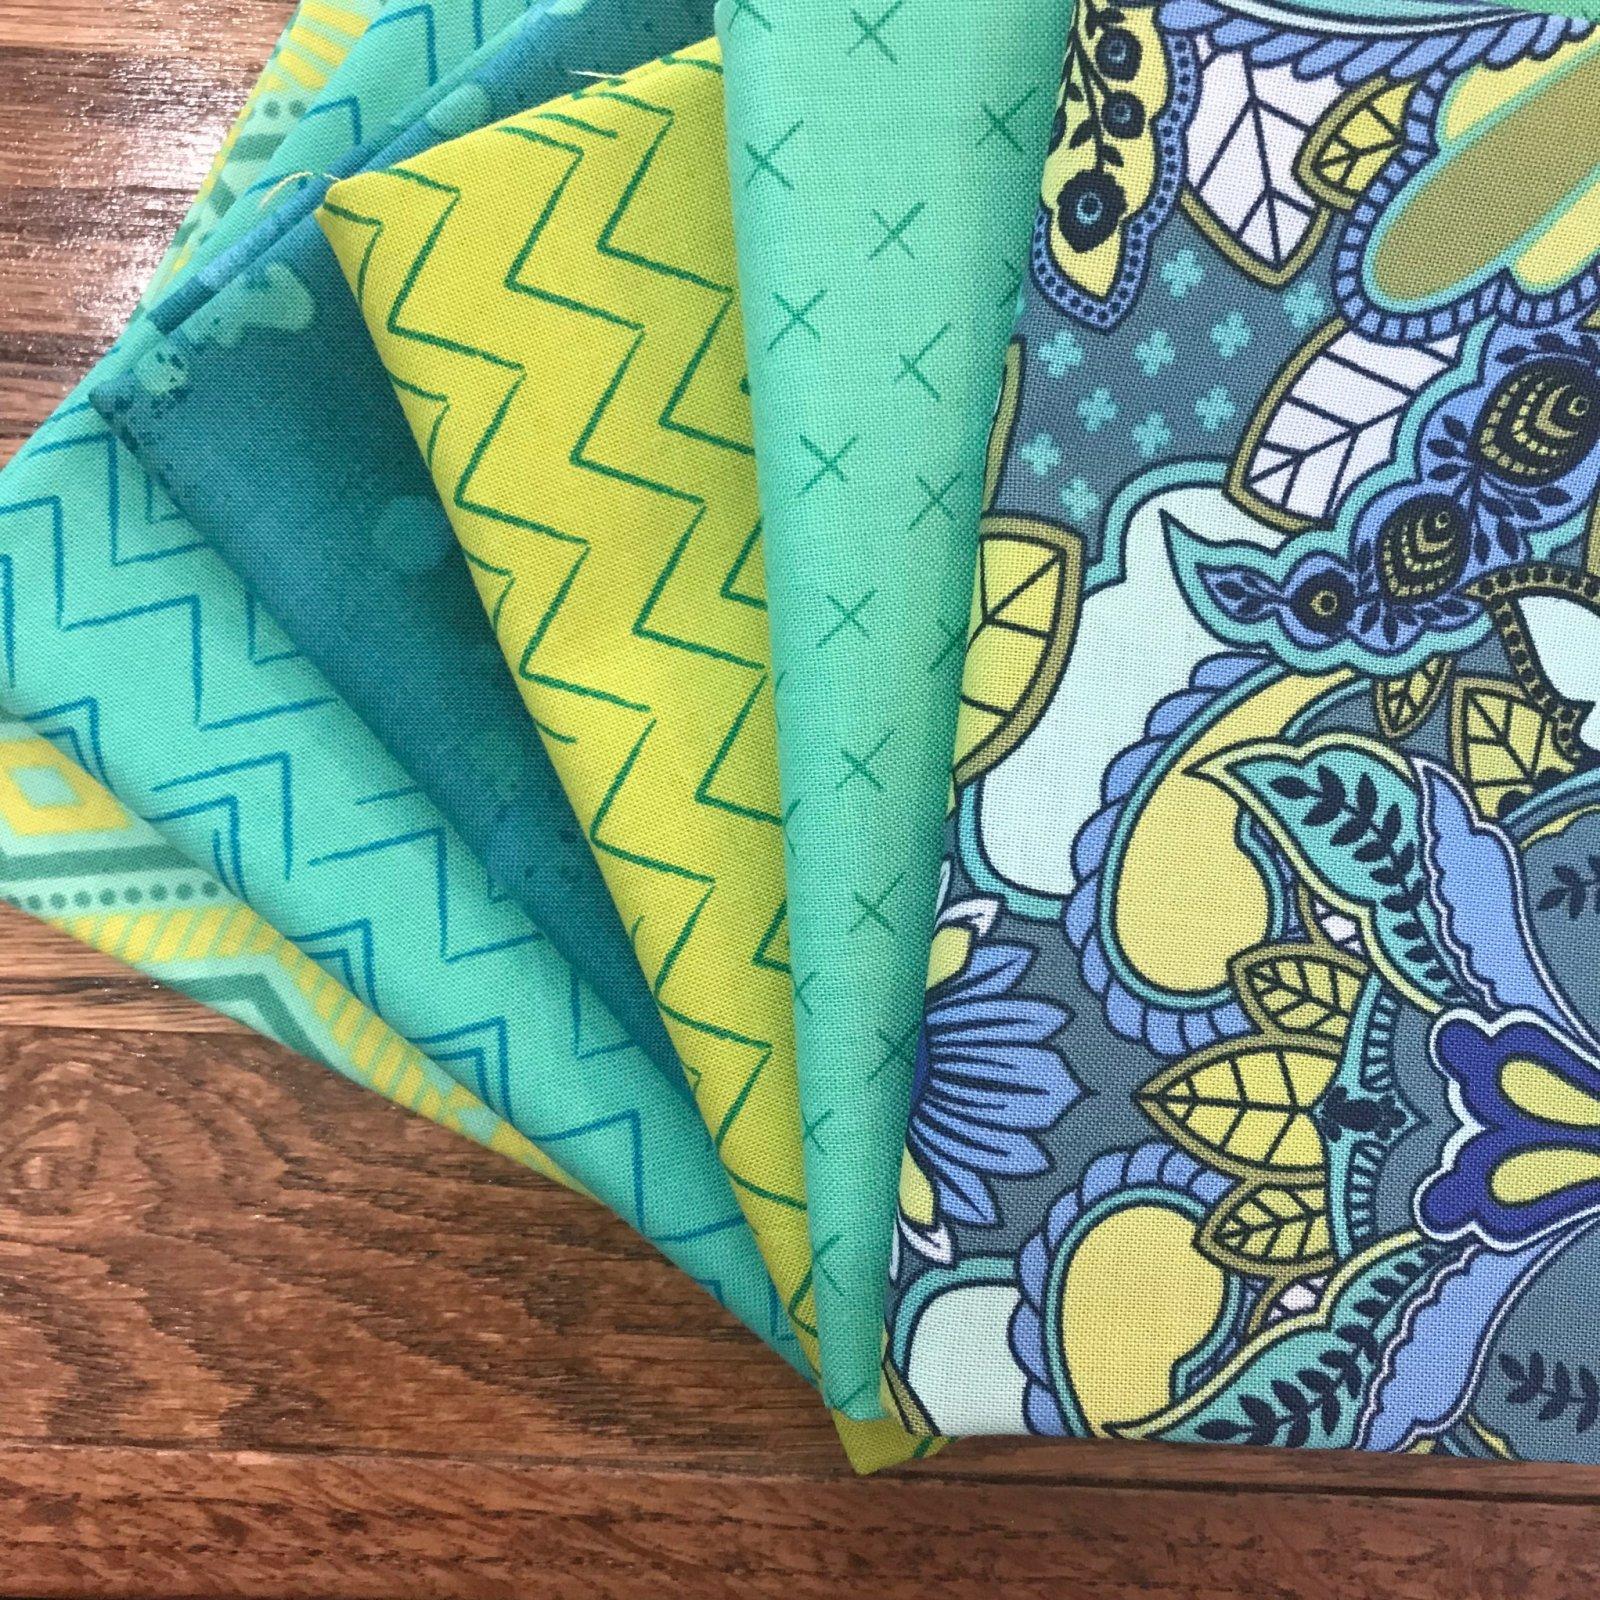 Tidal Wave Turquoise FQ Bundle - 6 Pieces